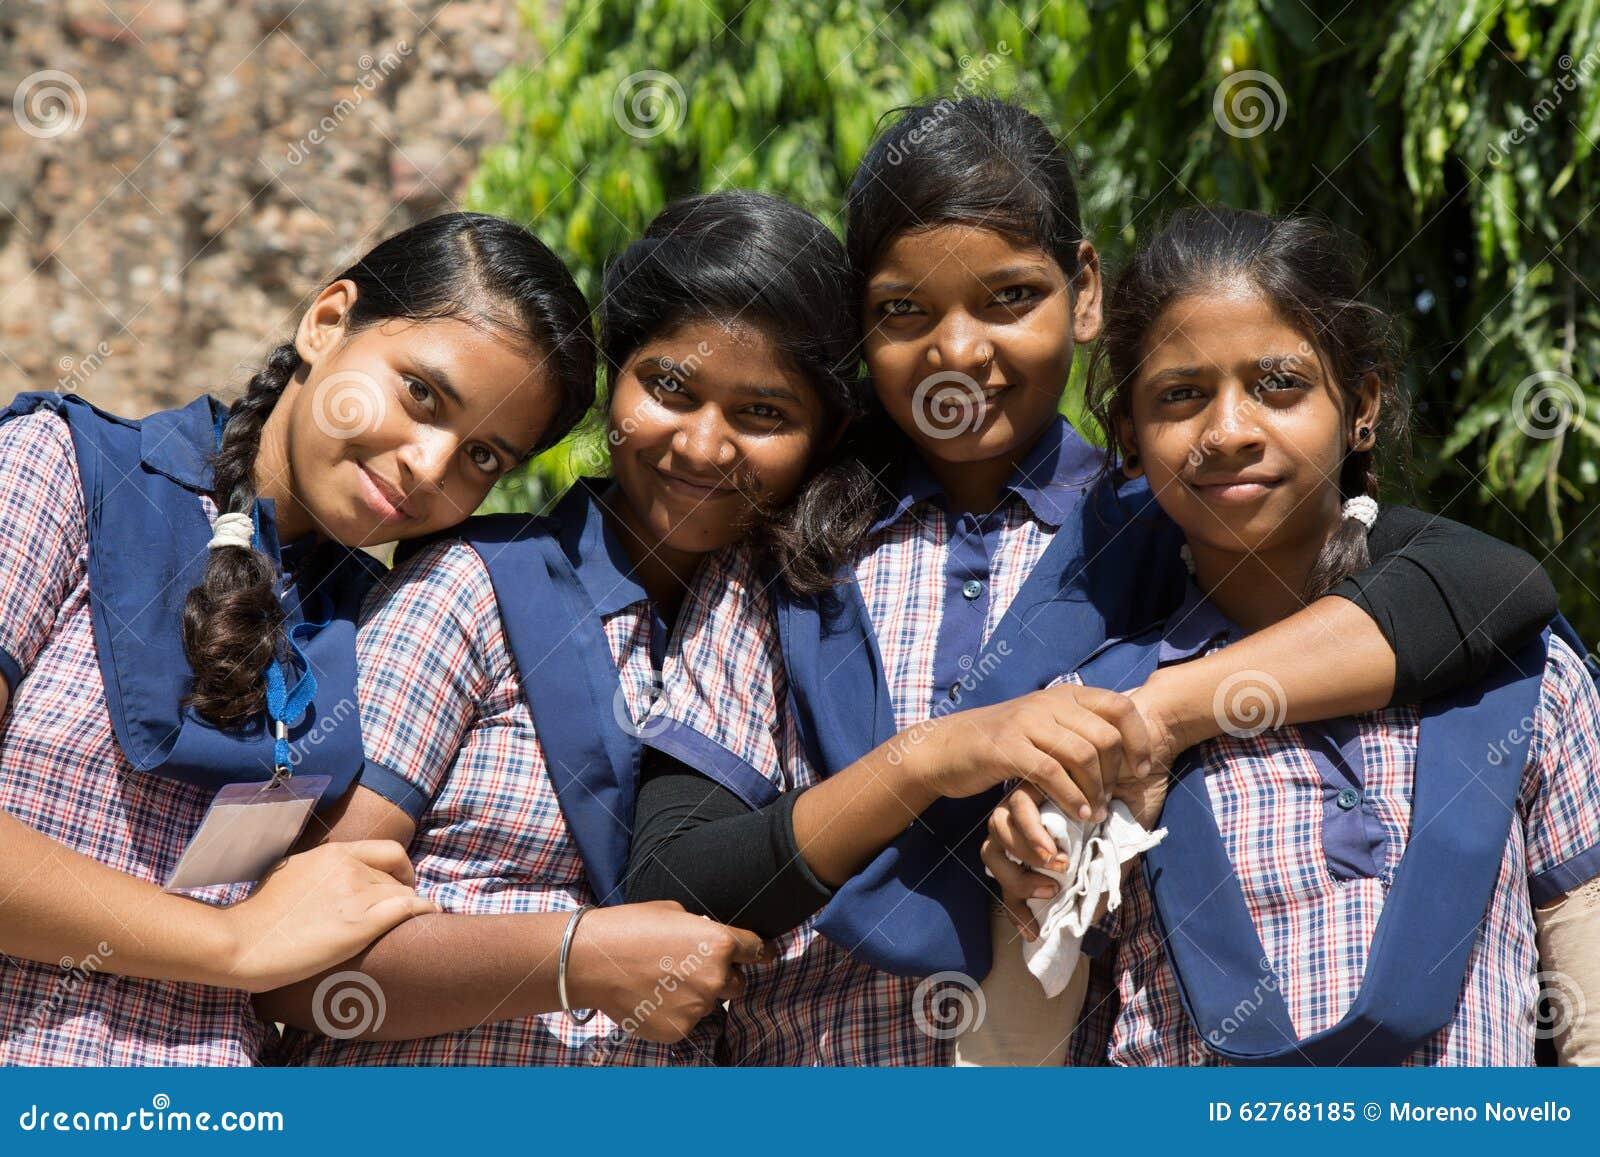 Indian school girl fun